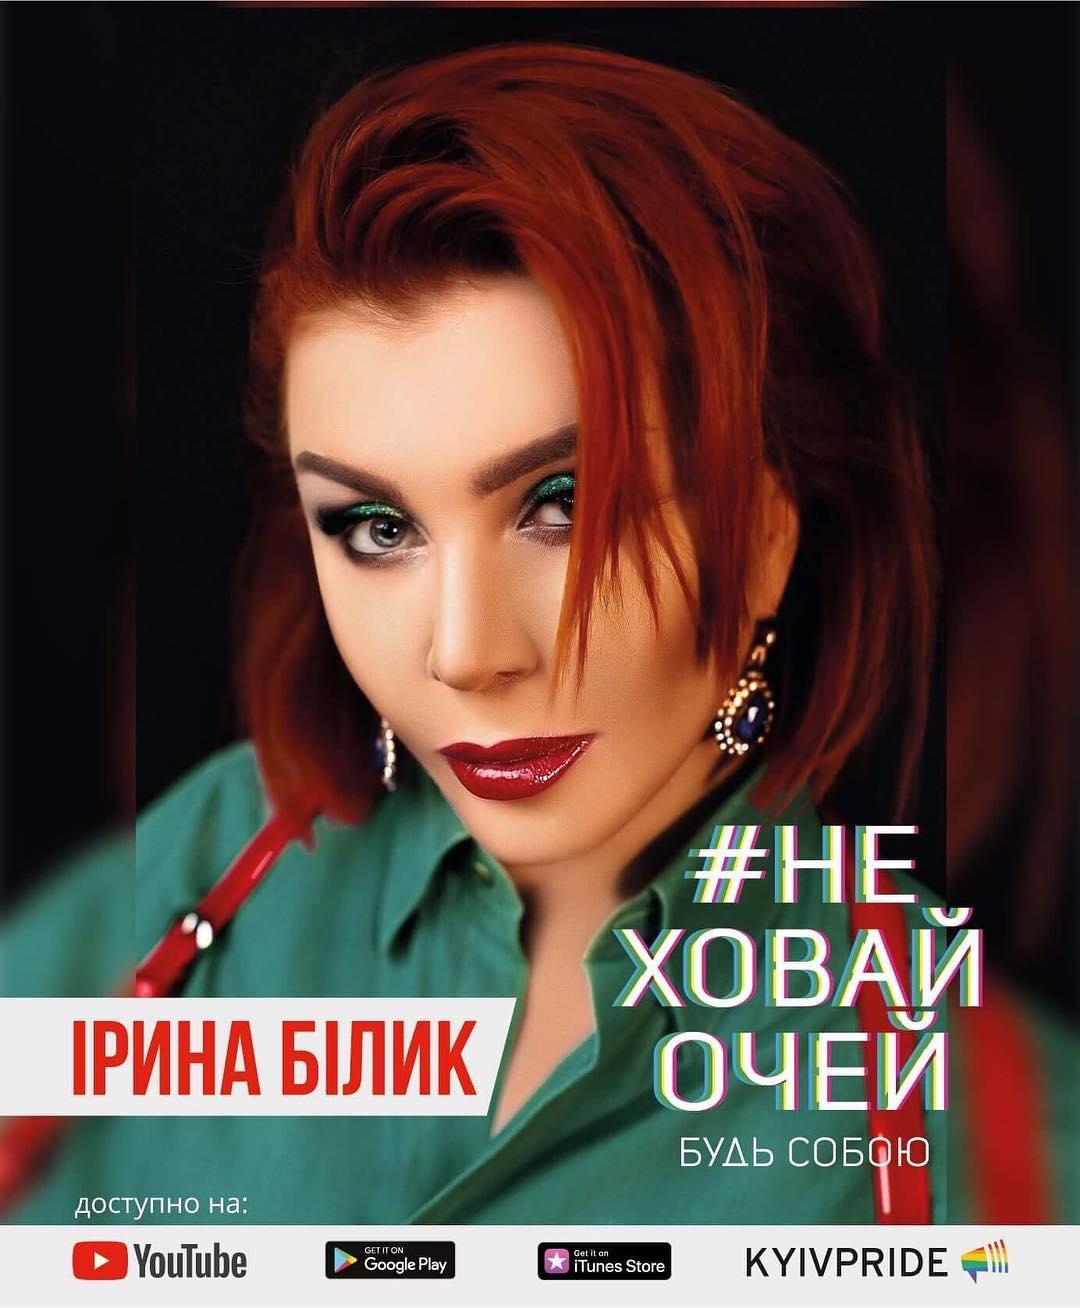 Ірина Білик закликає підтримати КиївПрайд музичним відео